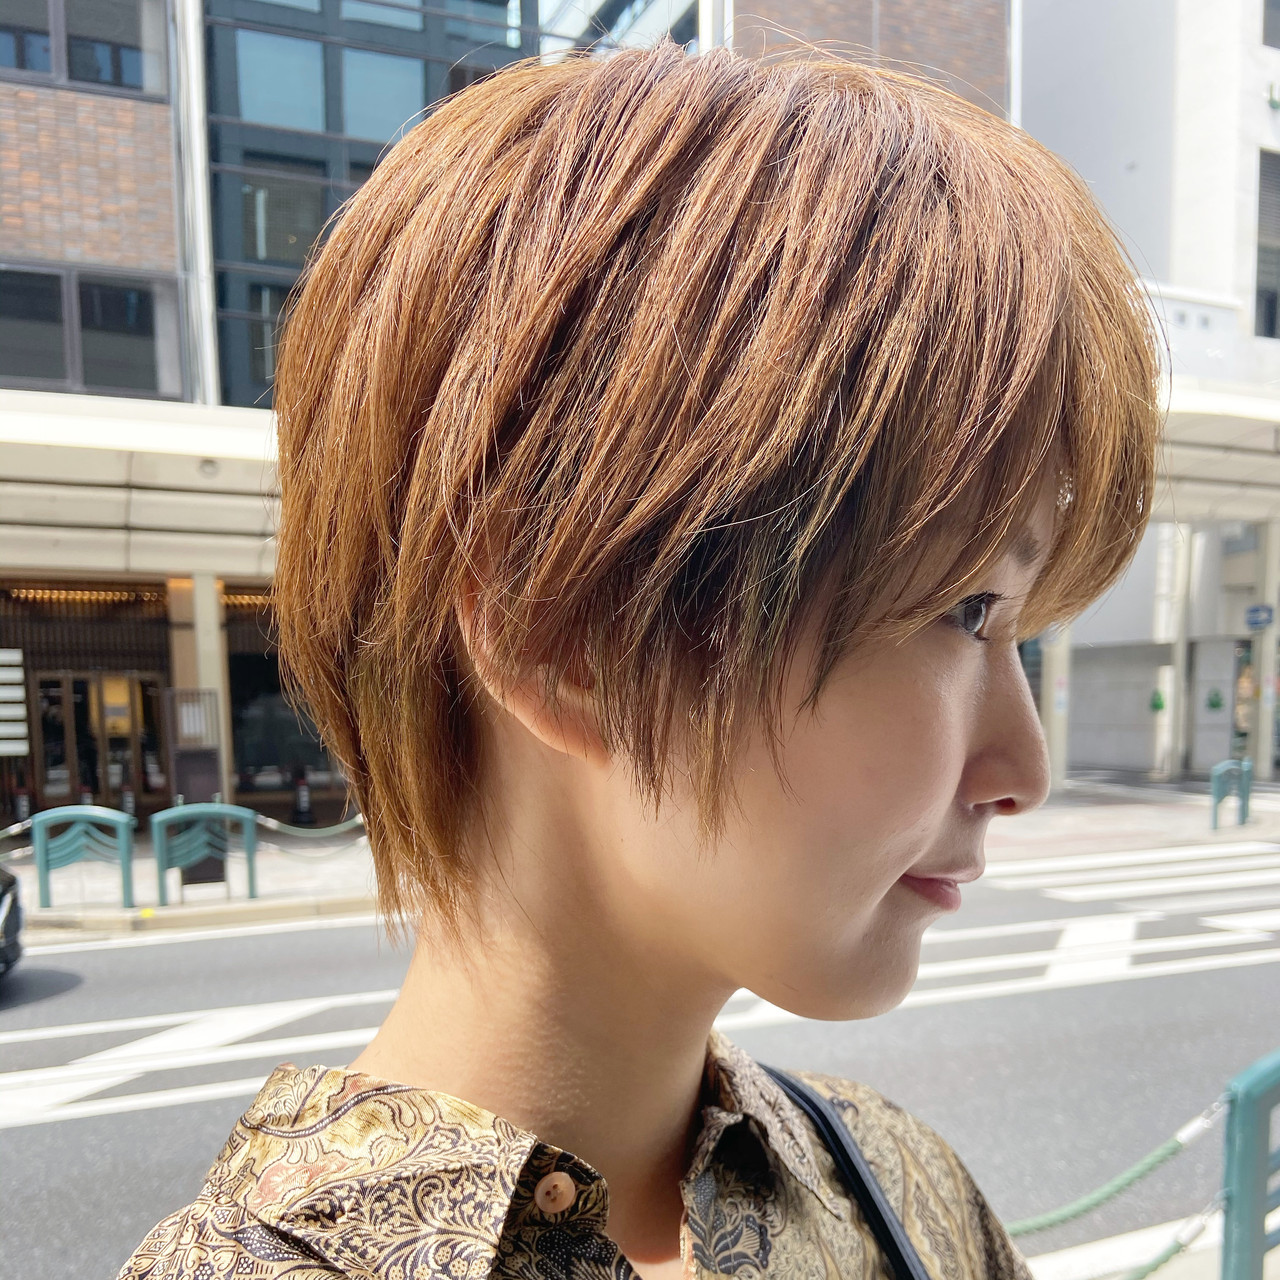 ヌーディベージュ ショート ショートヘア ナチュラル ヘアスタイルや髪型の写真・画像 | 元橋啓太 / snob